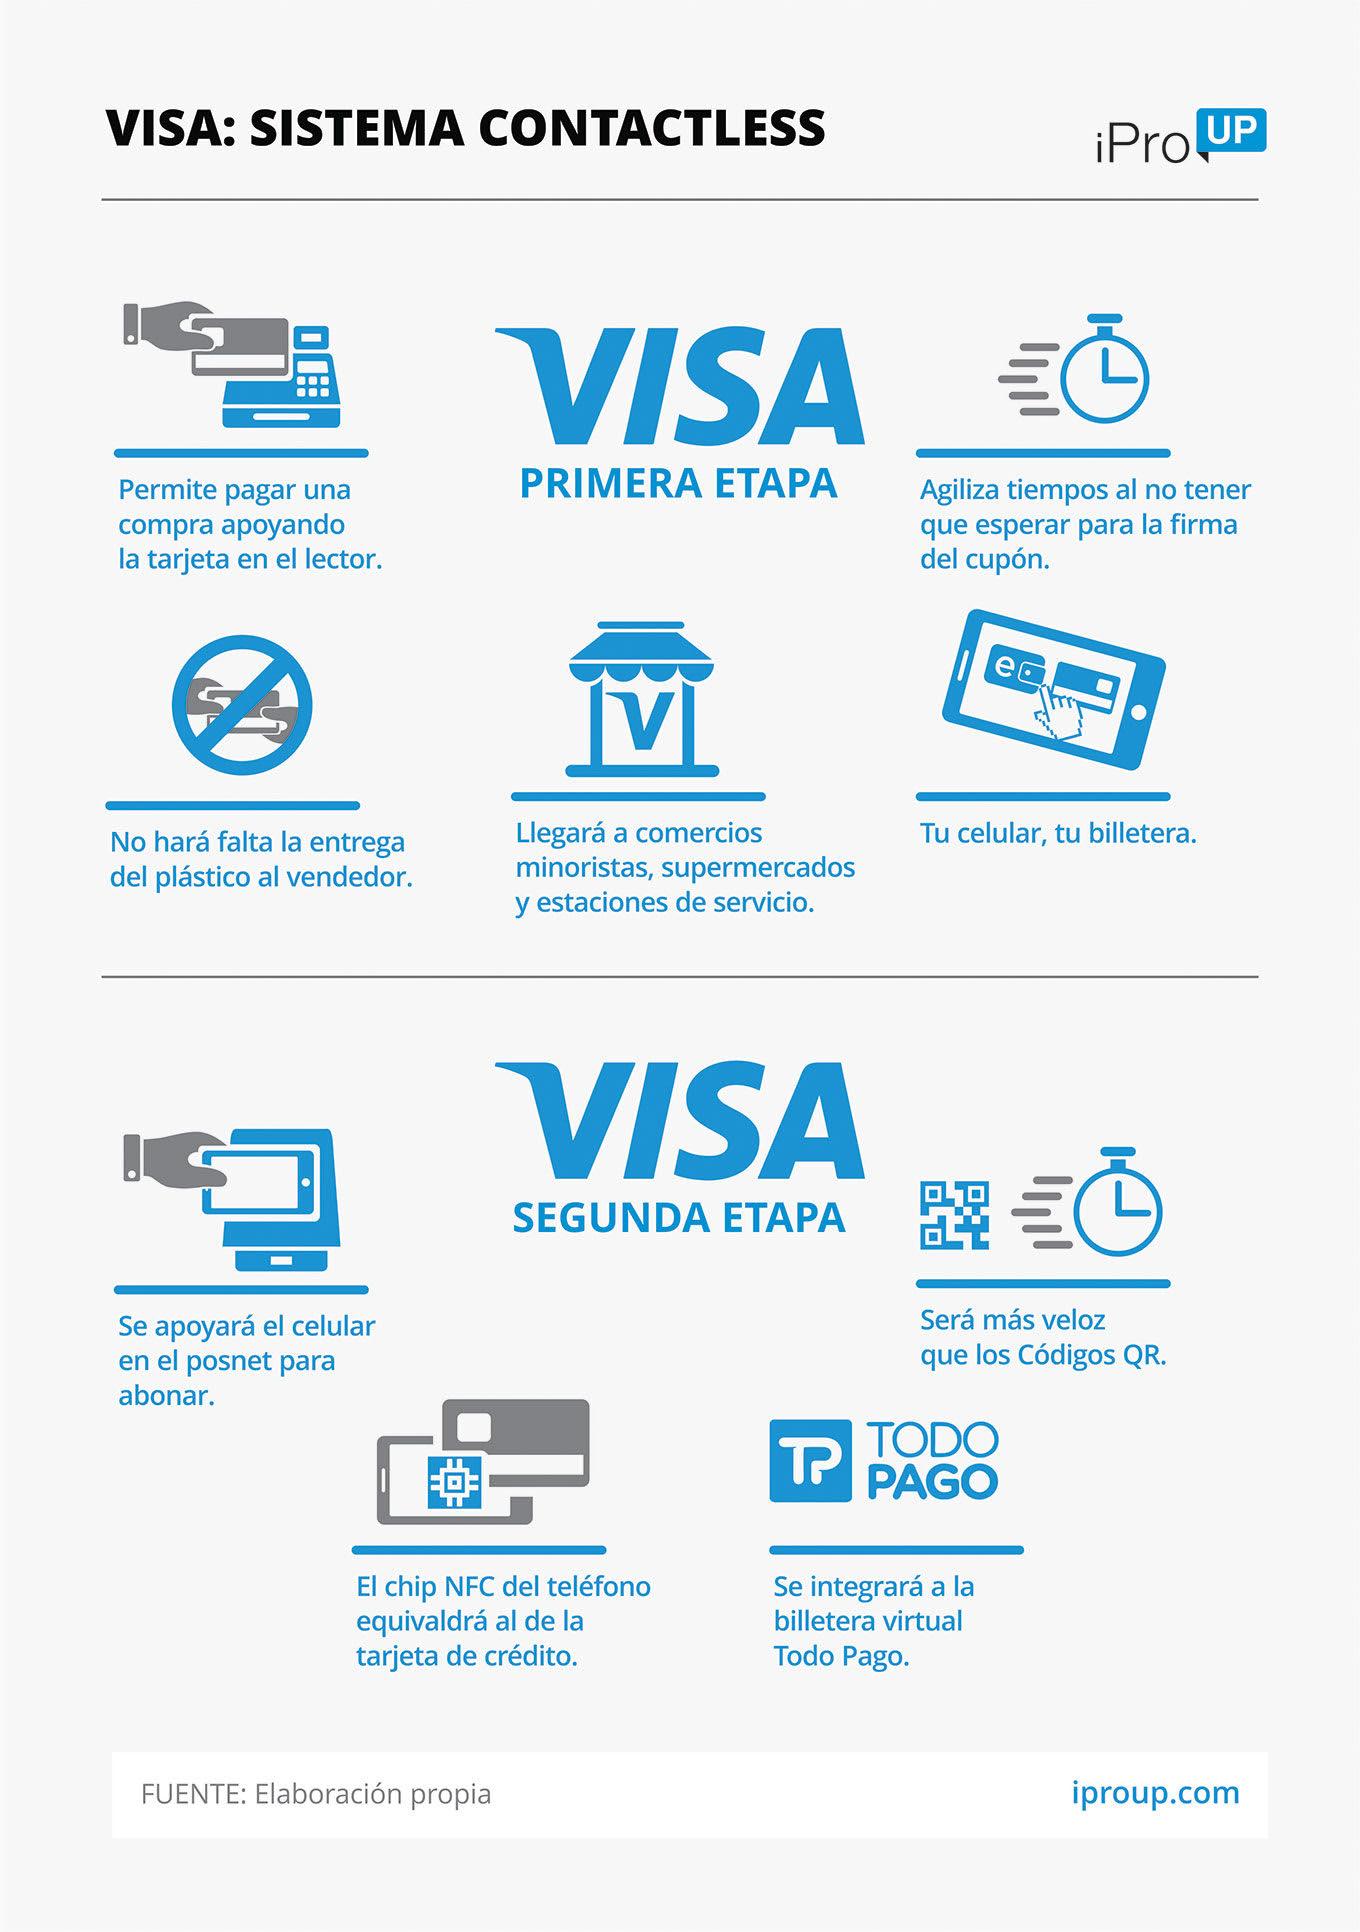 Como funcionan los pagos sin contacto de VISA